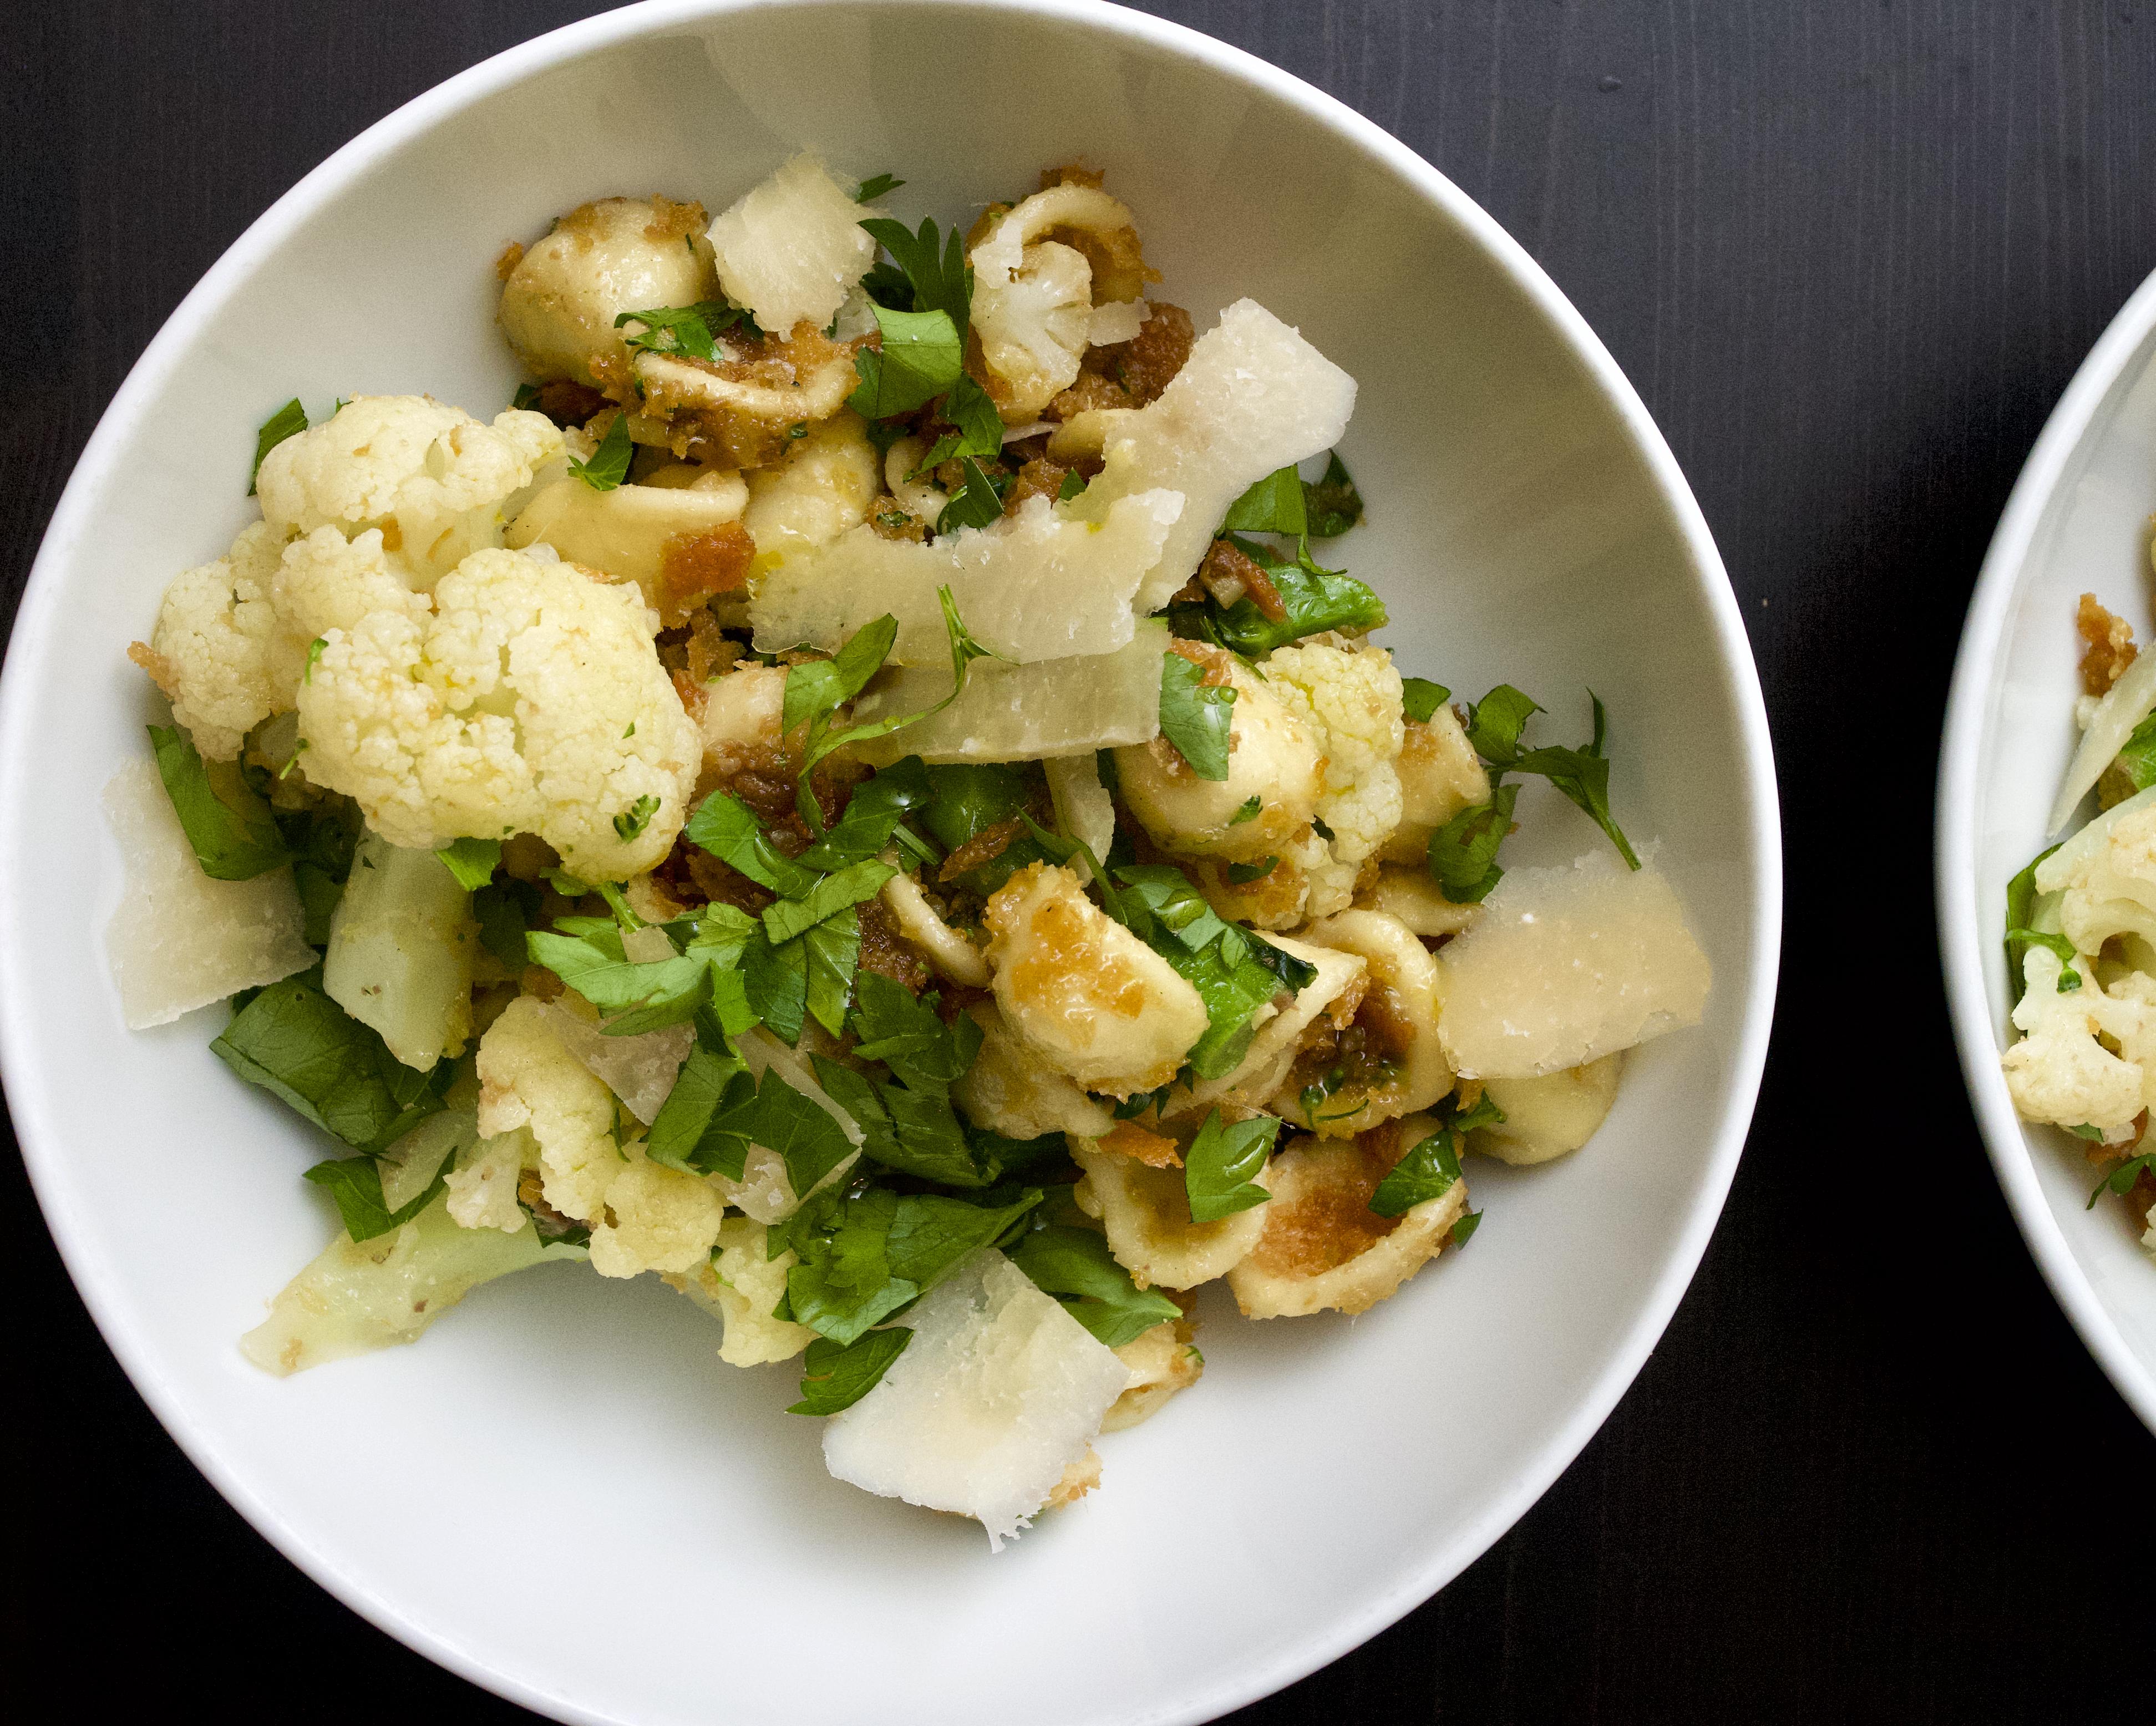 Orecchiette with Broccoli, Cauliflower & Pecorino